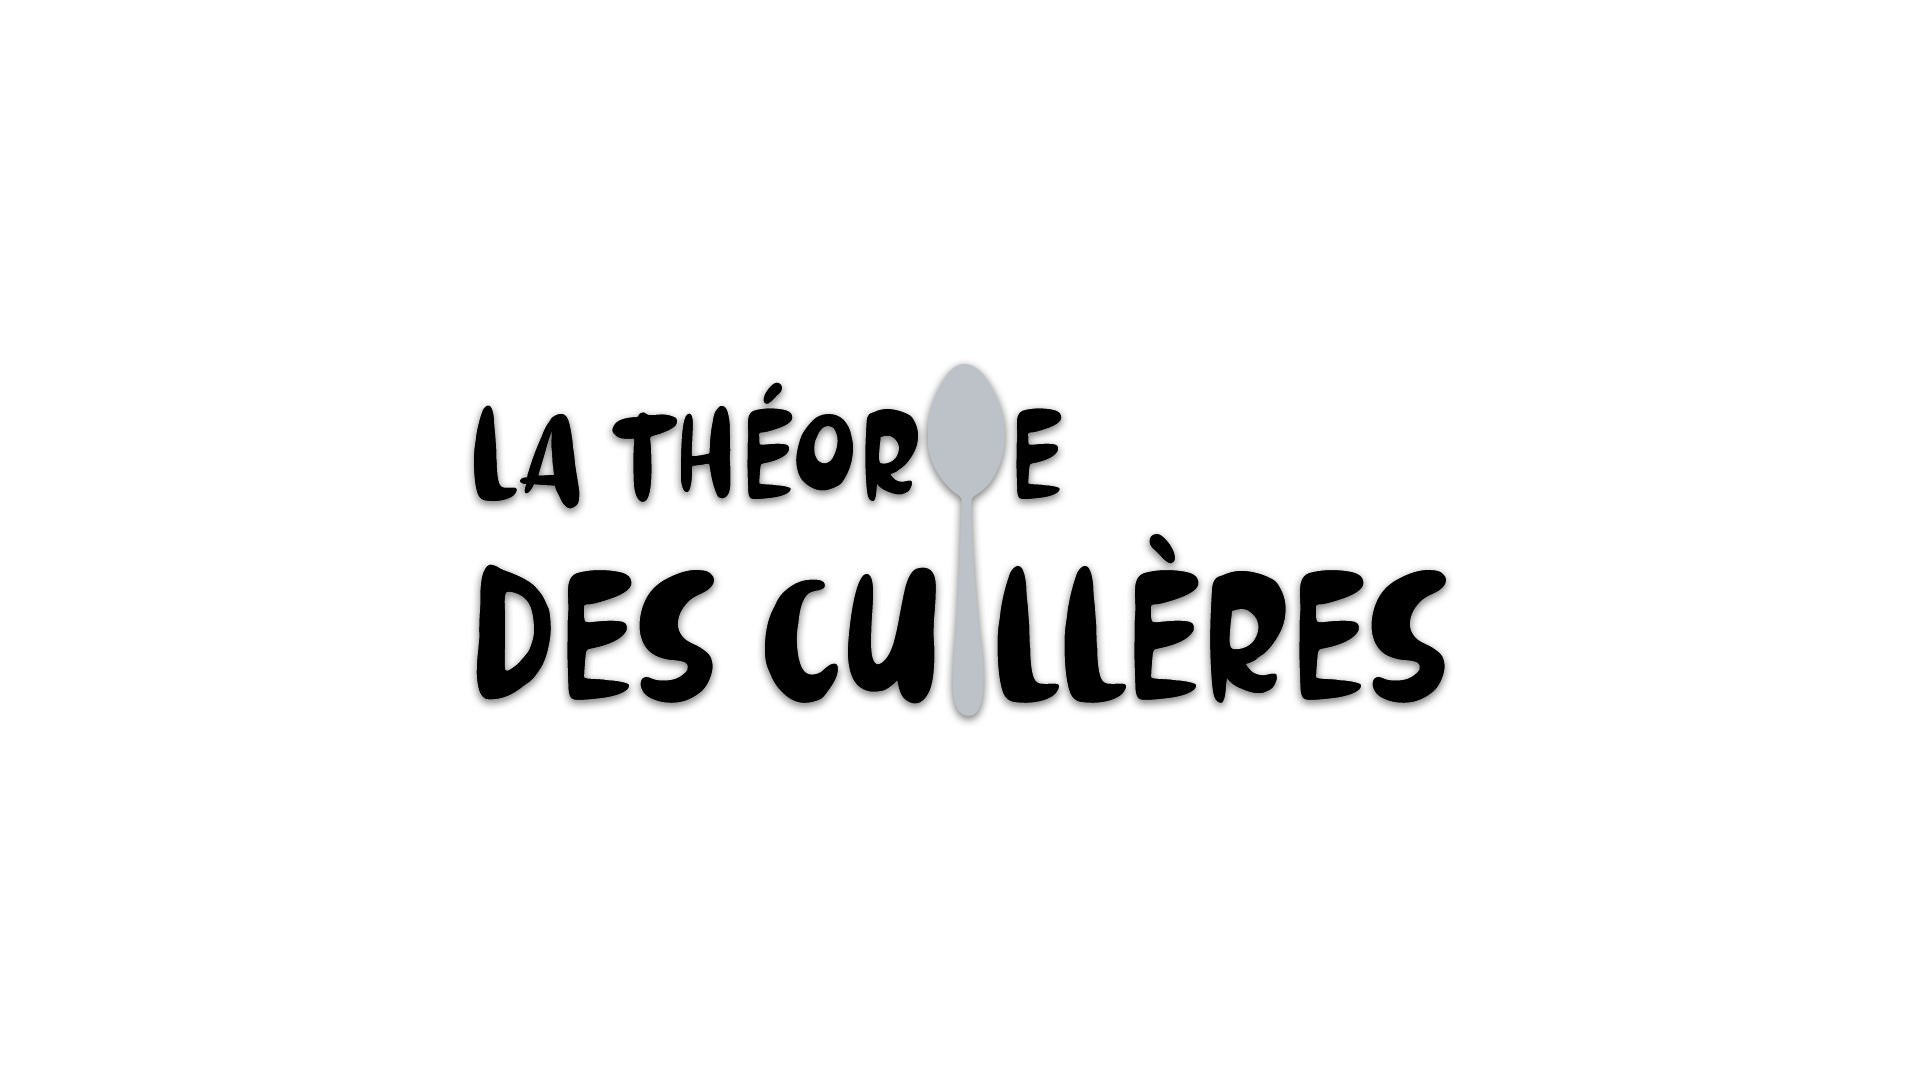 La théorie des cuillères